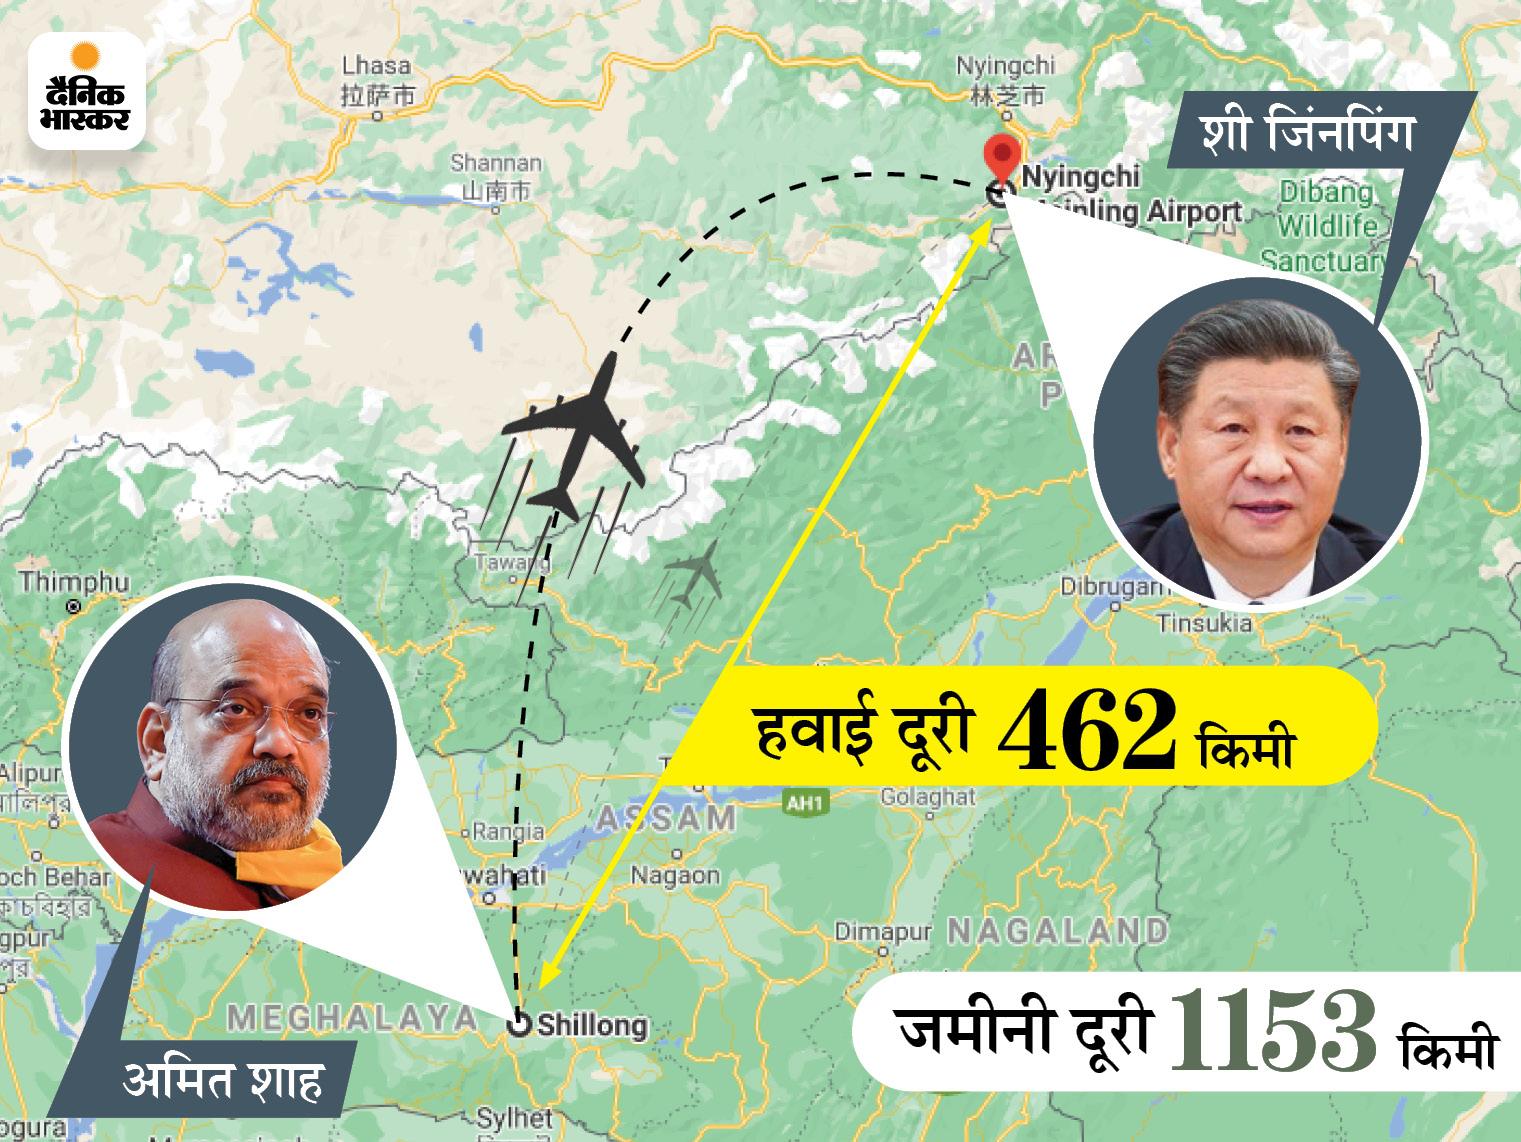 चीनी राष्ट्रपति कल भारत सीमा से सटे तिब्बत के न्यिंगची शहर में थे, यहां से 462 किमी दूर शिलॉन्ग में आज गृह मंत्री अमित शाह पहुंचेंगे|देश,National - Dainik Bhaskar